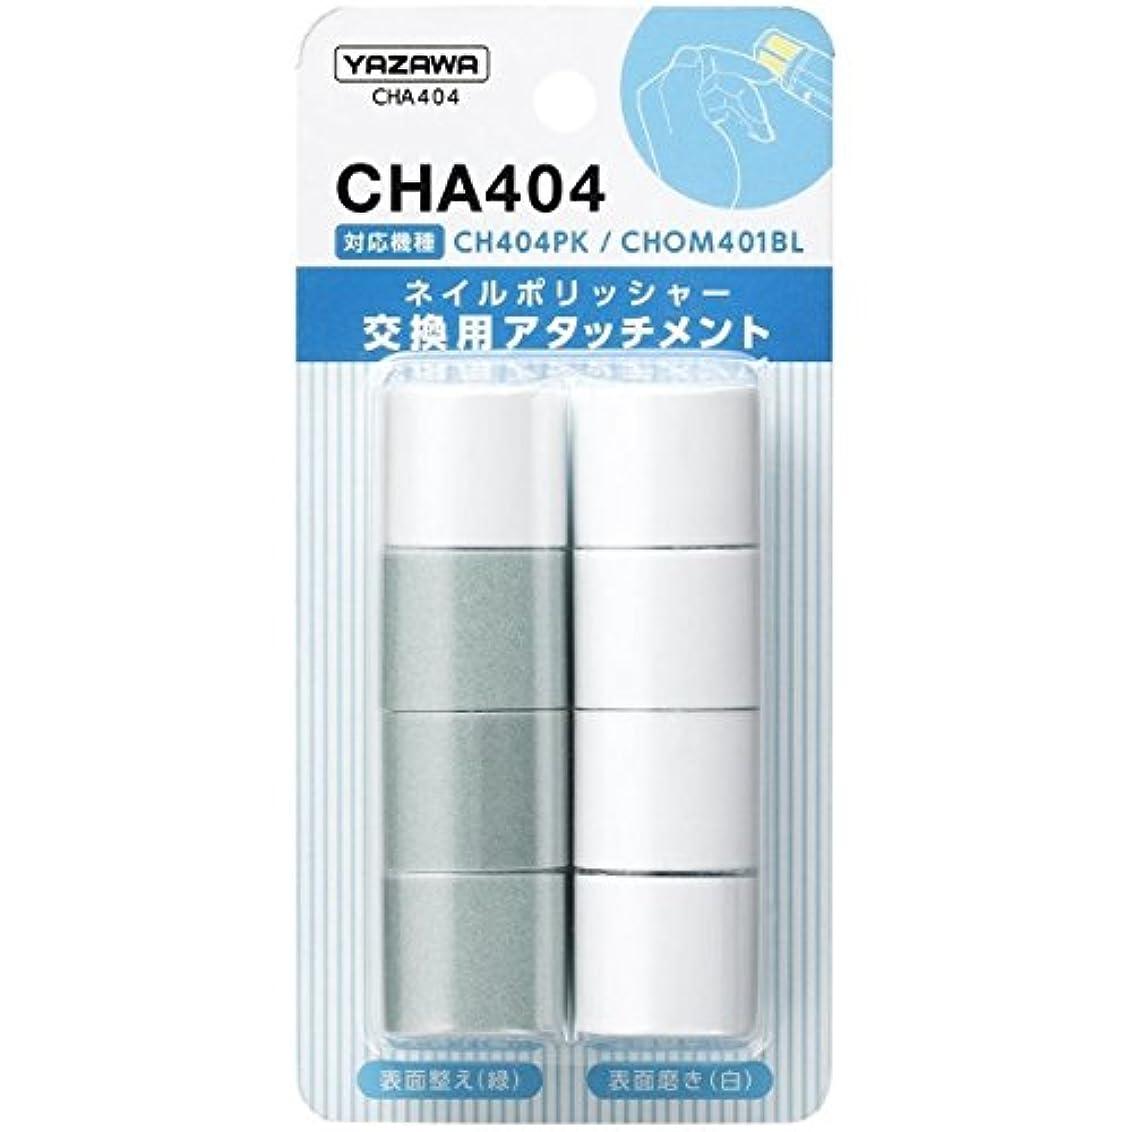 説明的行方不明ロードハウスYAZAWA(ヤザワコーポレーション) ネイルポリッシャー交換用アタッチメント CHA404